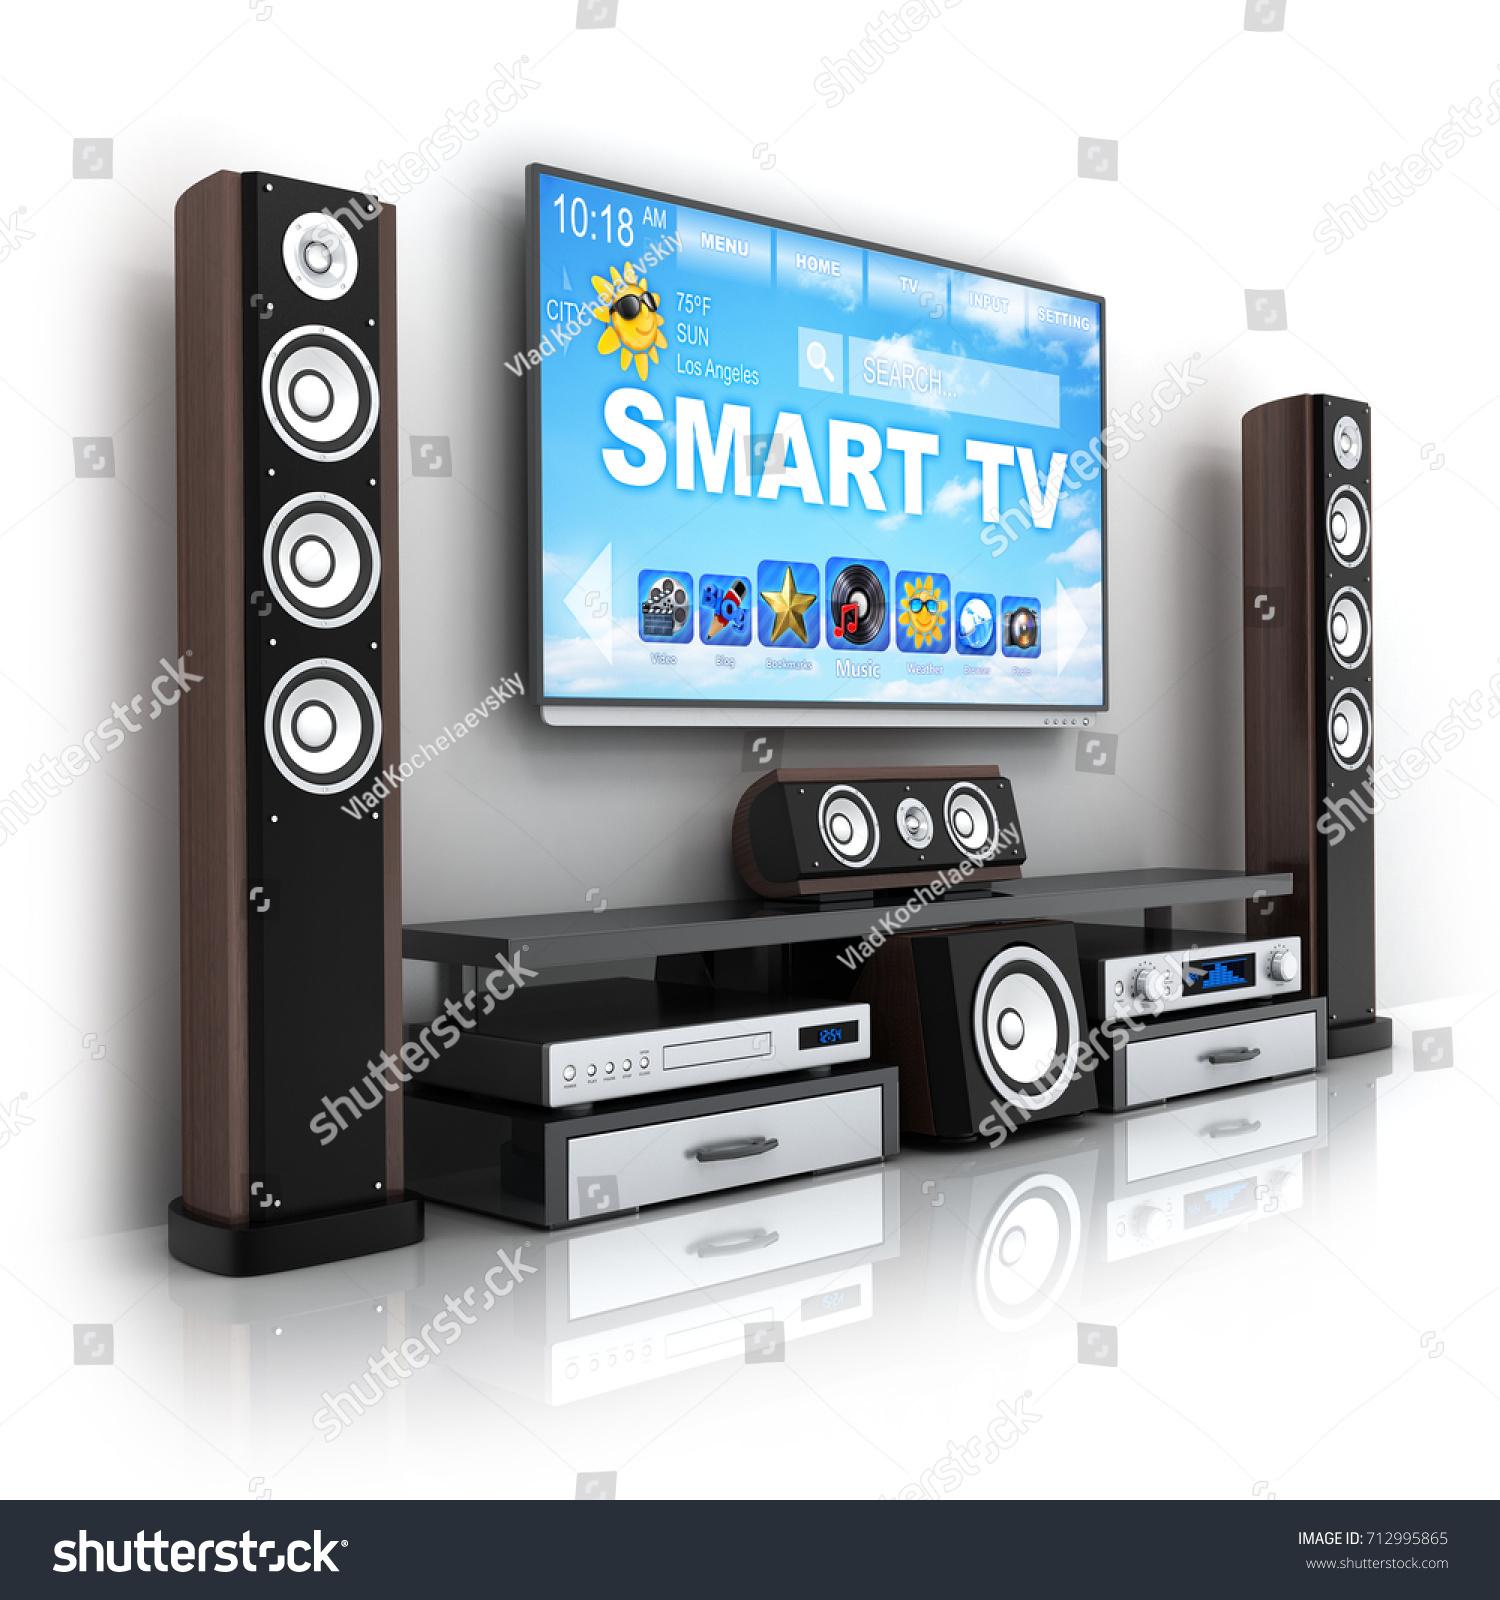 smart tv hifi homecinema modern 3d stock illustration. Black Bedroom Furniture Sets. Home Design Ideas